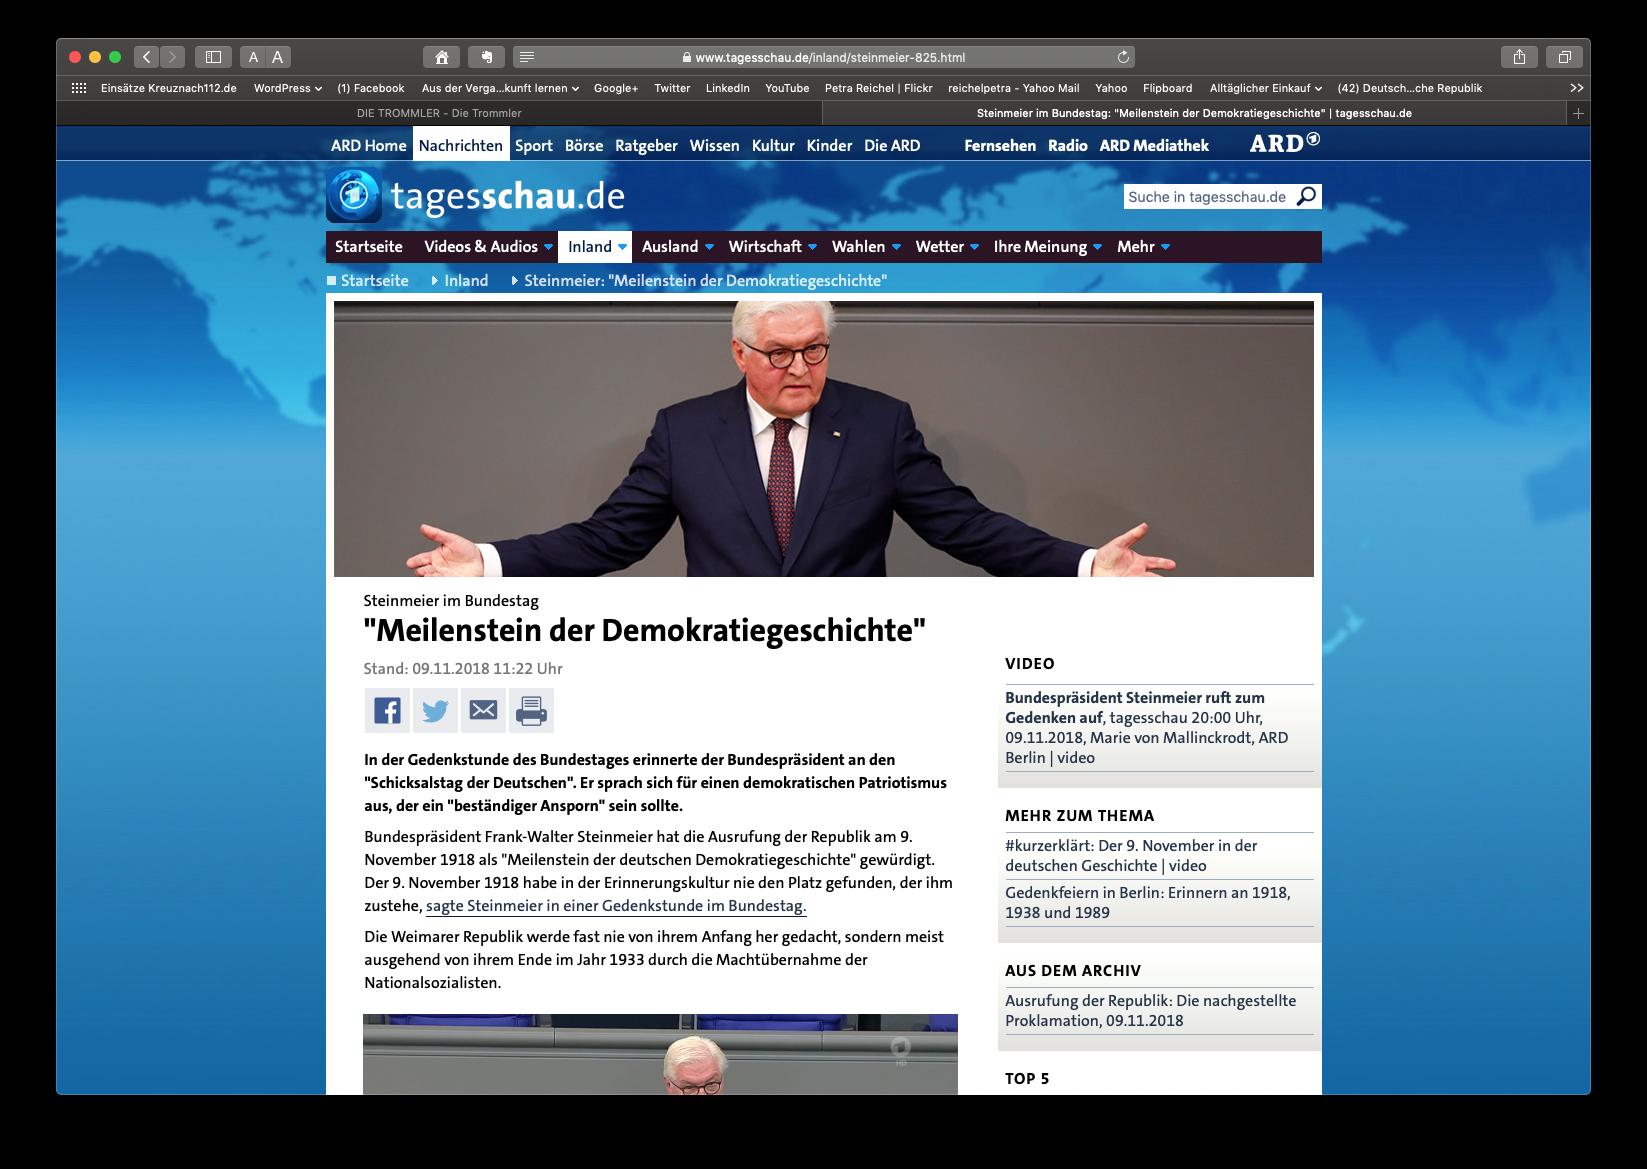 Frank-Walter Steinmeier zum 100. Jahrestag der Novemberrevolution in Deutschland